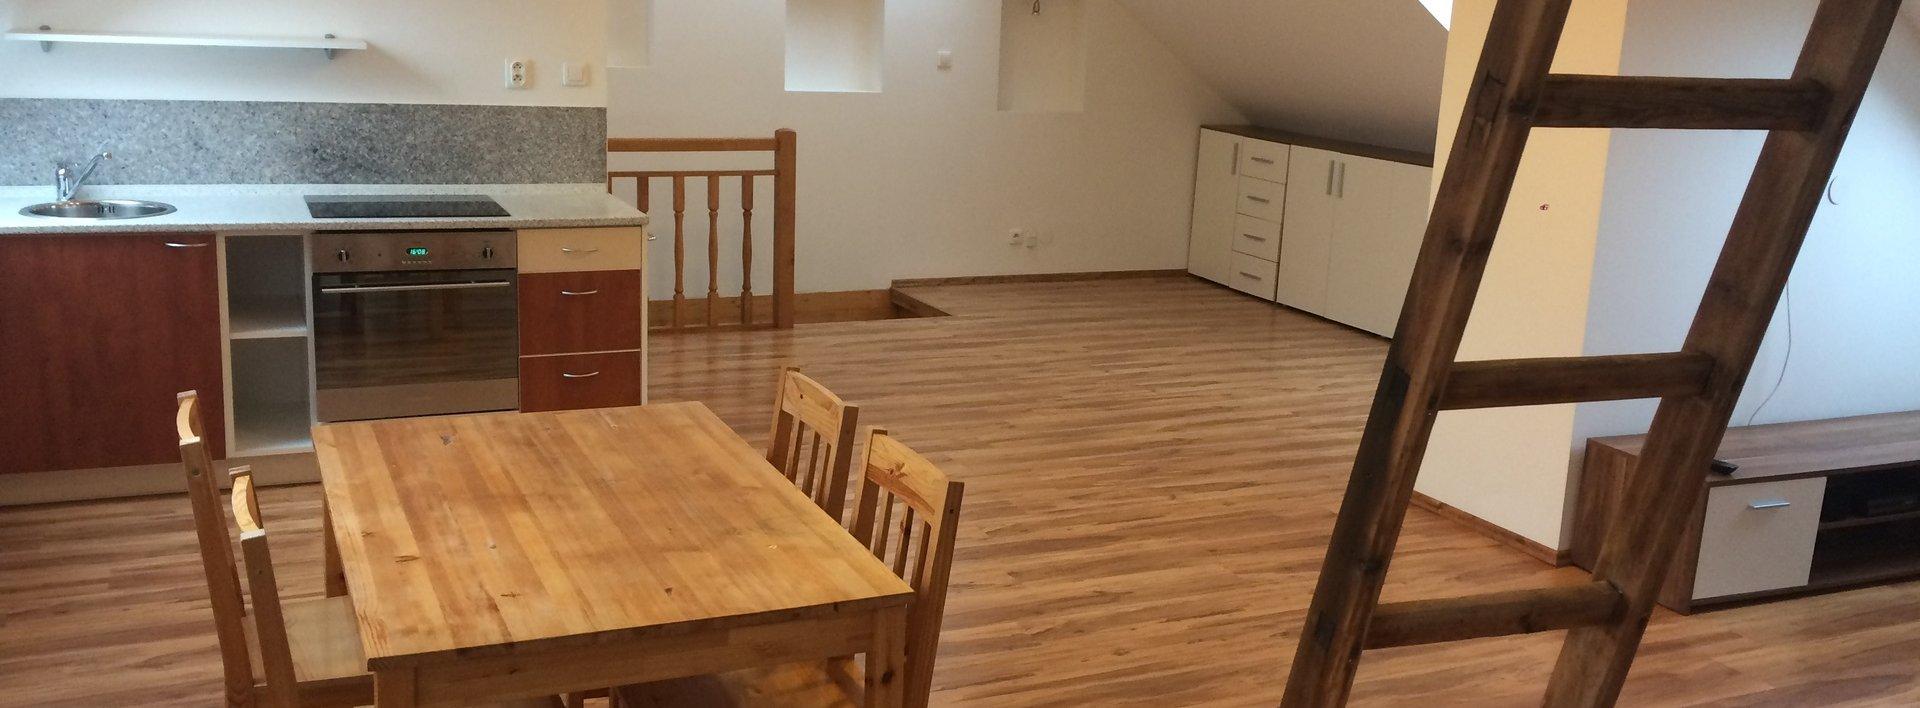 Pronájem zařízeného atypického bytu, 77 m² - Liberec, Nové Město, Rámový Vršek, Ev.č.: N48812